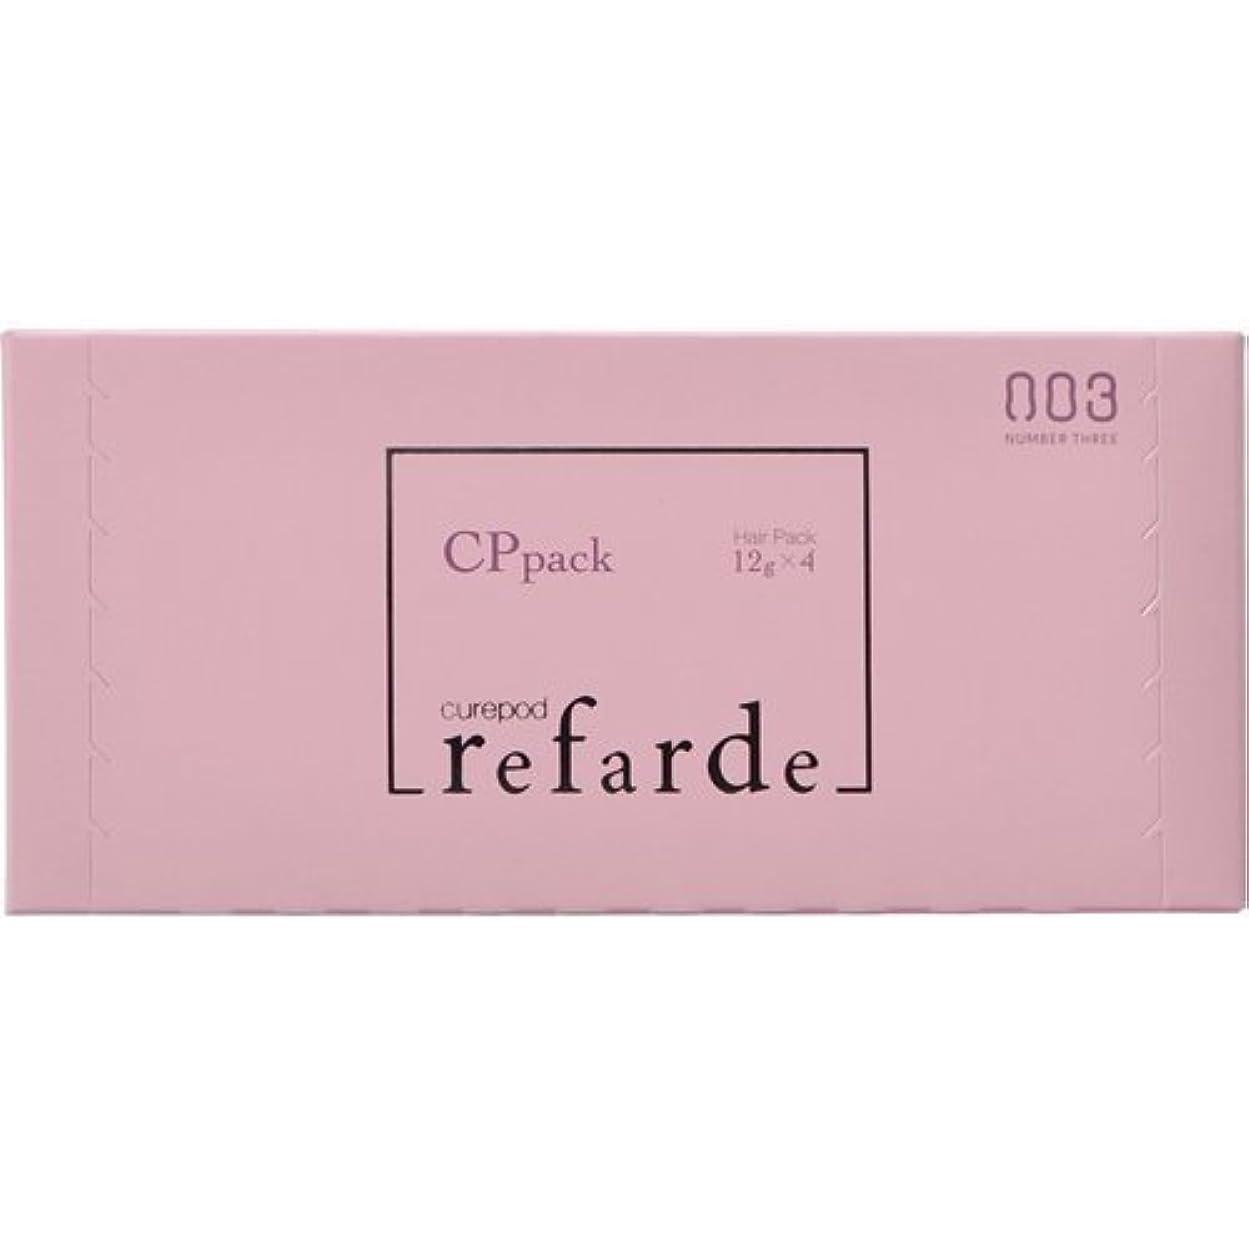 プレフィックス飼い慣らすひばりナンバースリー ルファルデ CPパック 12g×4